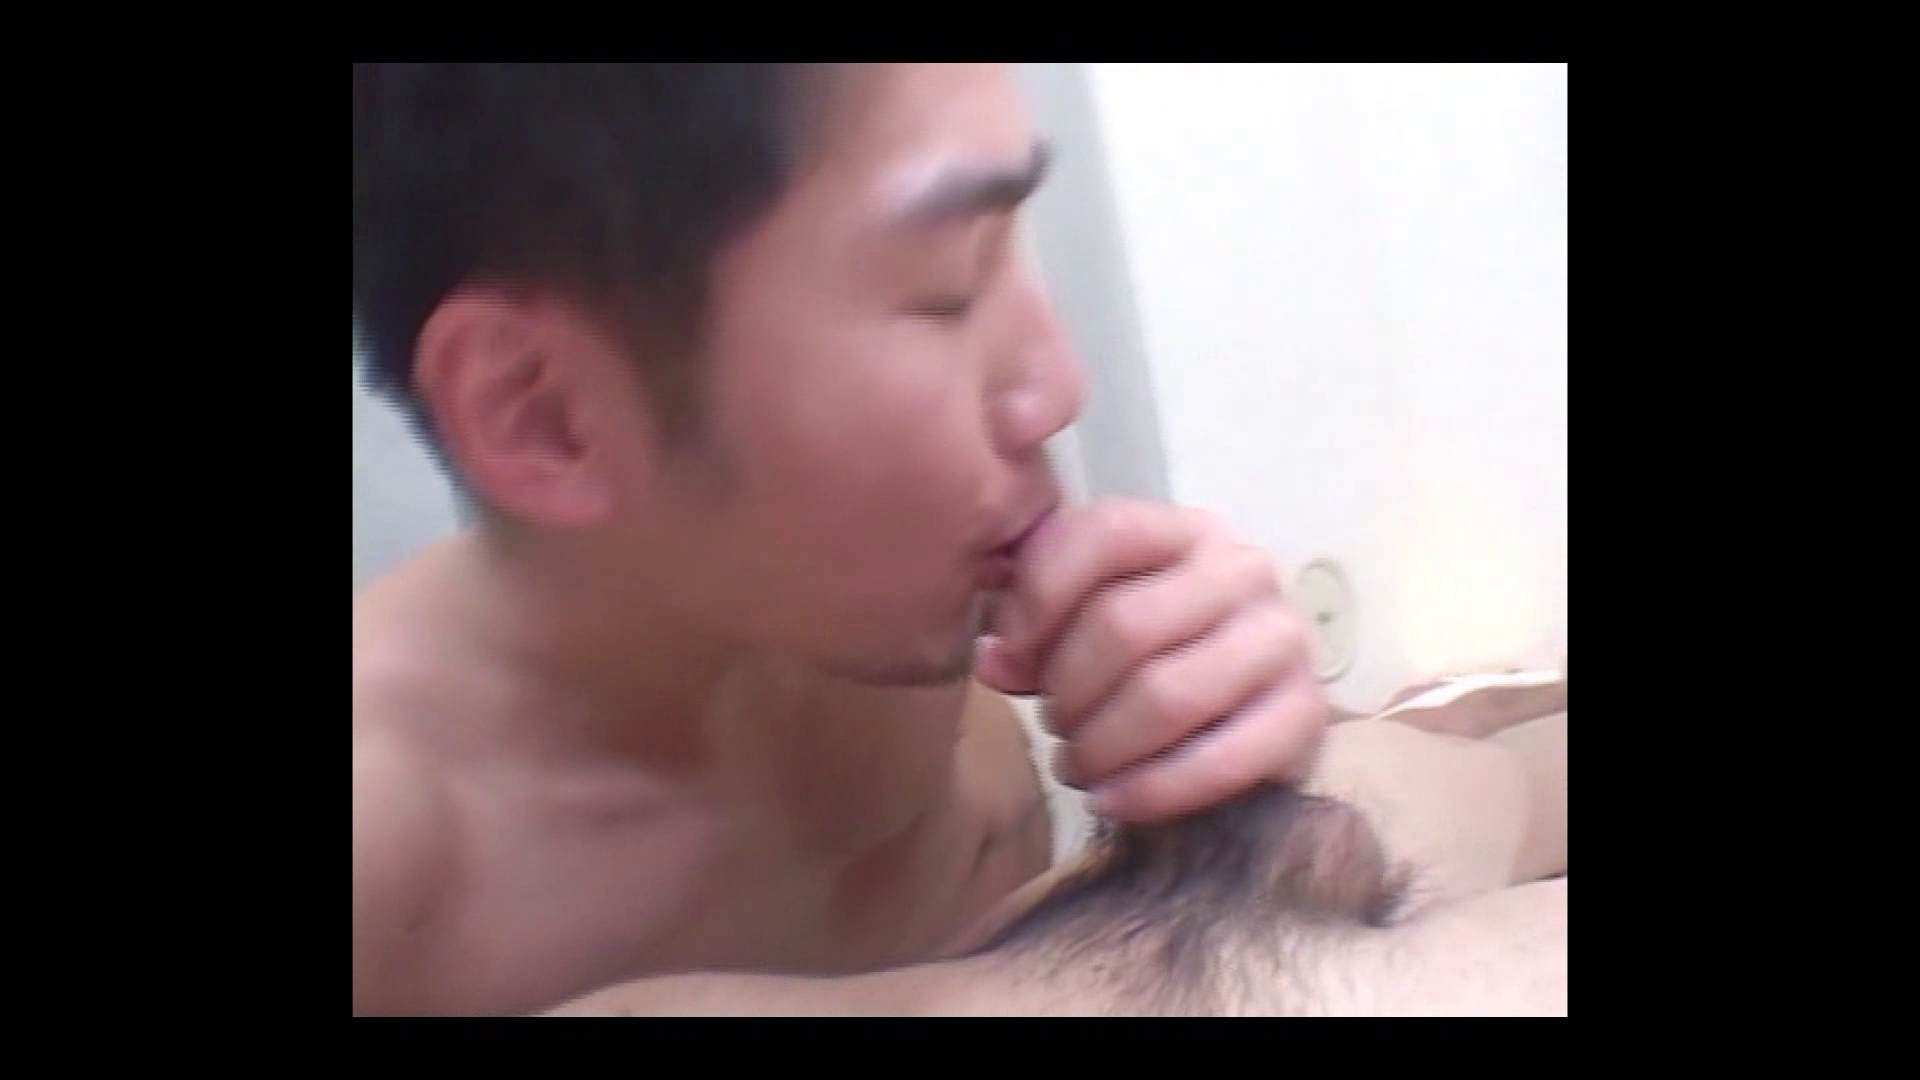 ノンケイケメンの欲望と肉棒 Vol.11 肉肉しい男たち  48連発 48